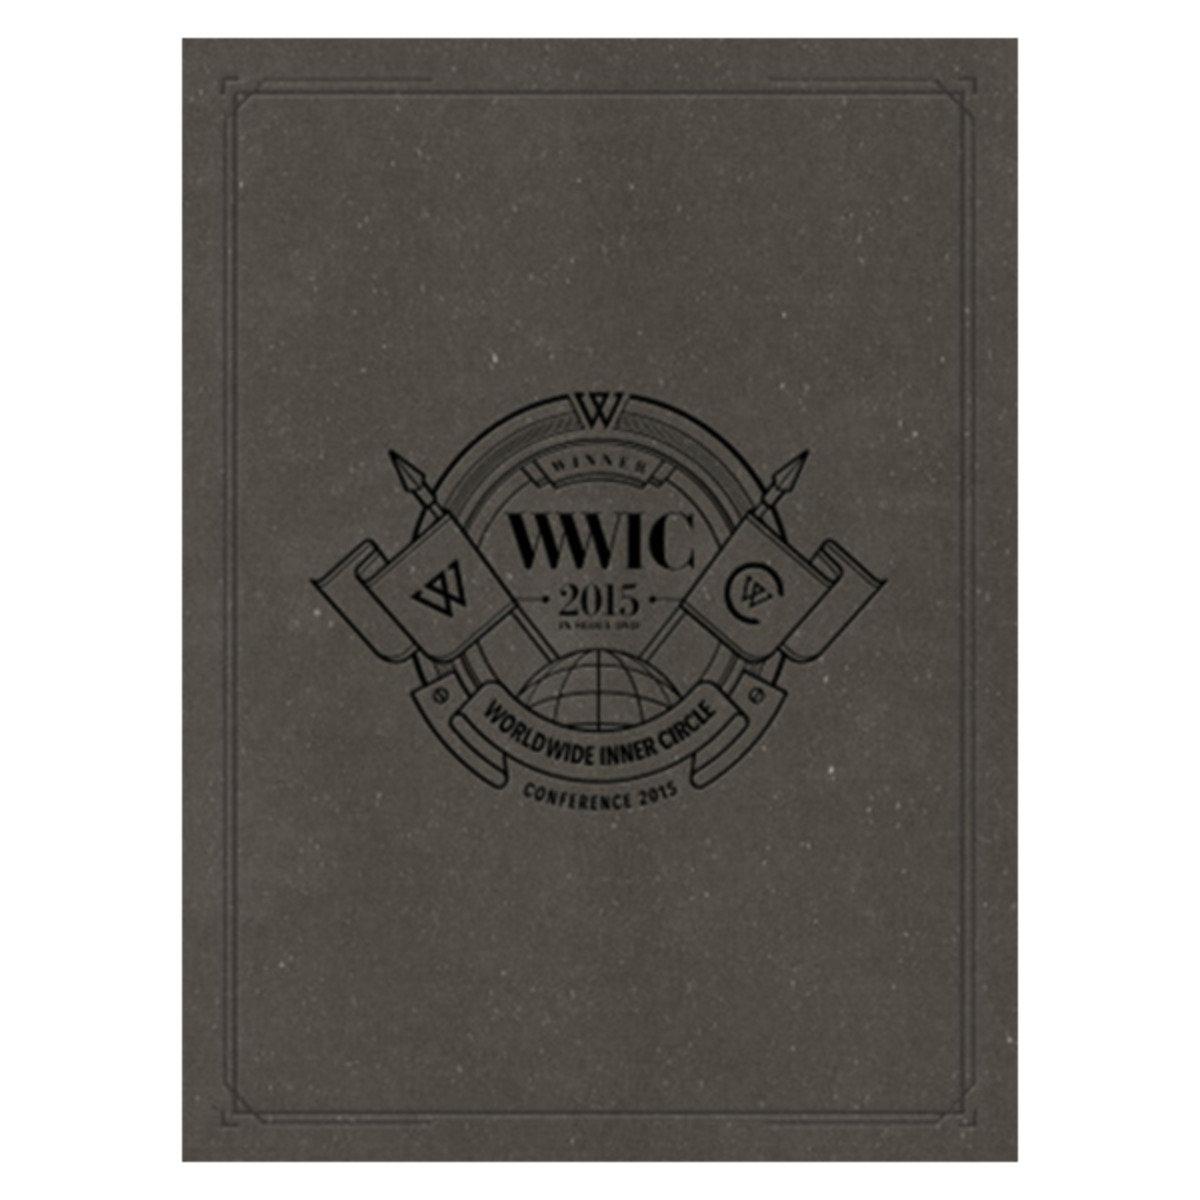 [DVD] Winner - WWIC 2015 IN SEOUL DVD 2015首爾演唱會